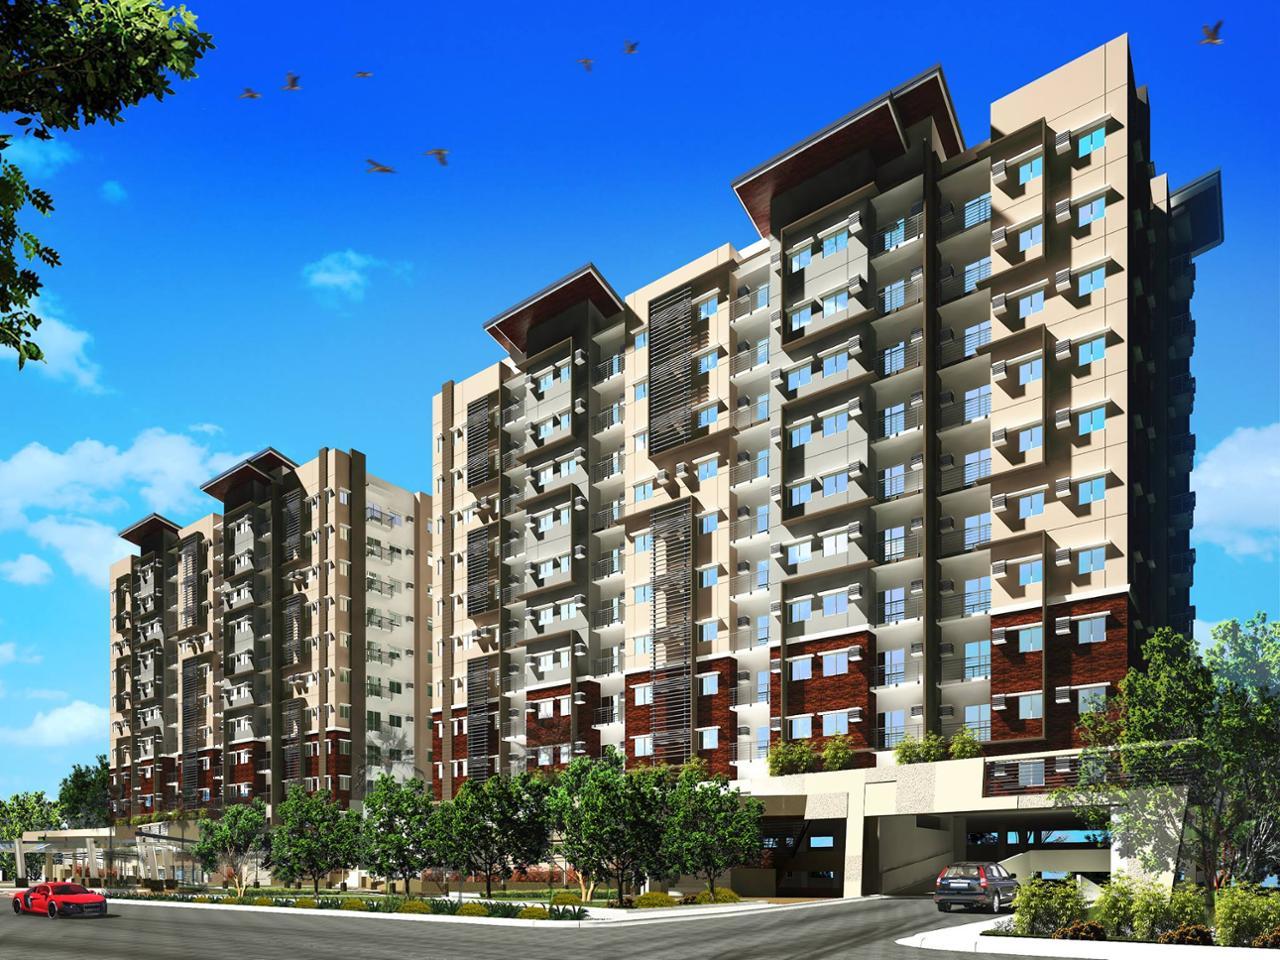 Condominium For Sale in Talomo, Davao Del Sur